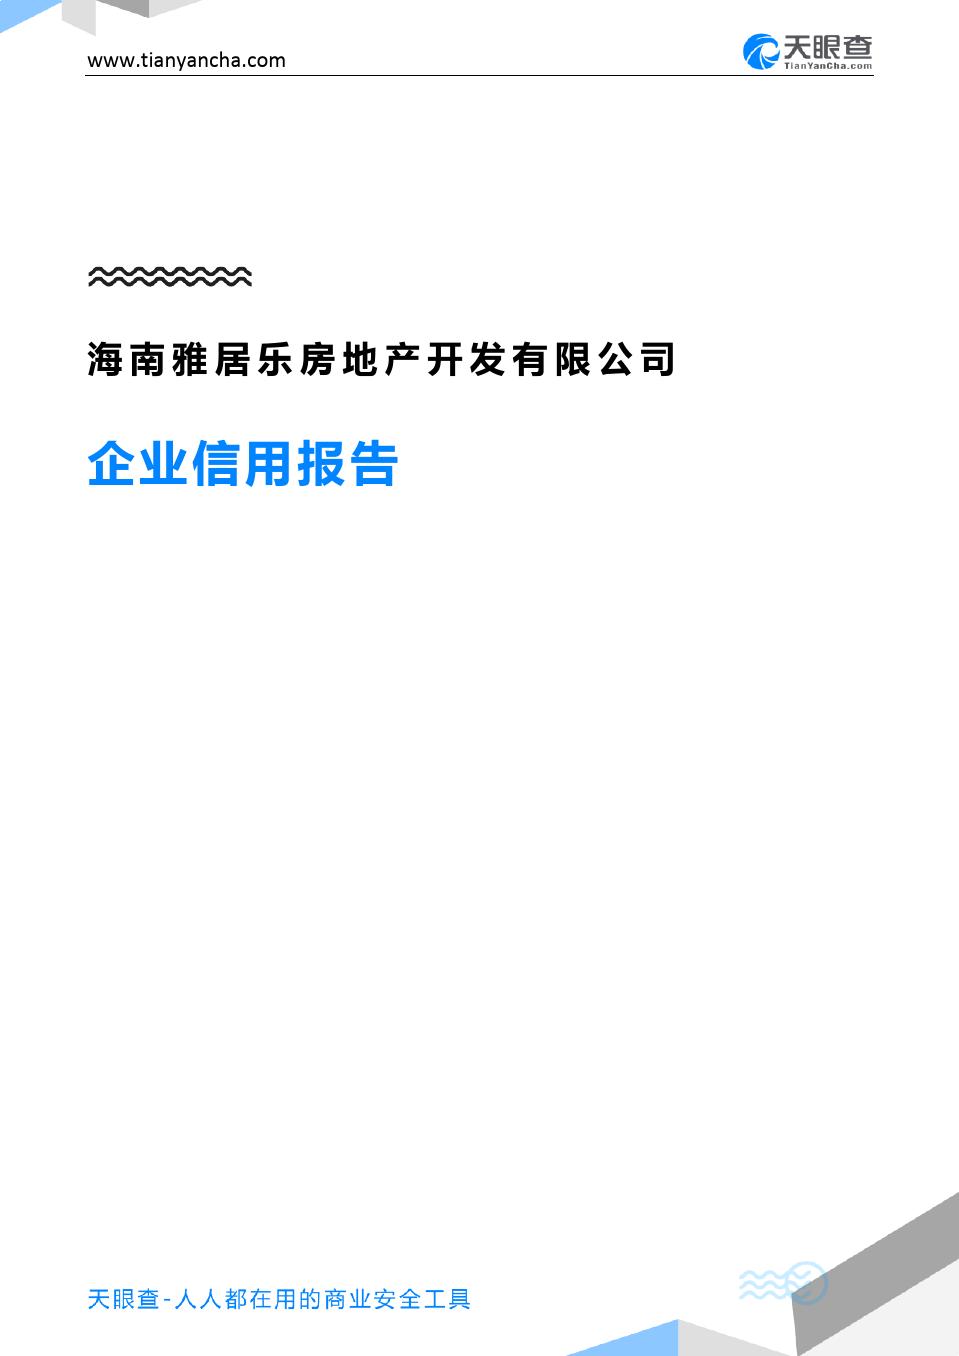 海南雅居乐房地产开发有限公司(企业信用报告)- 天眼查